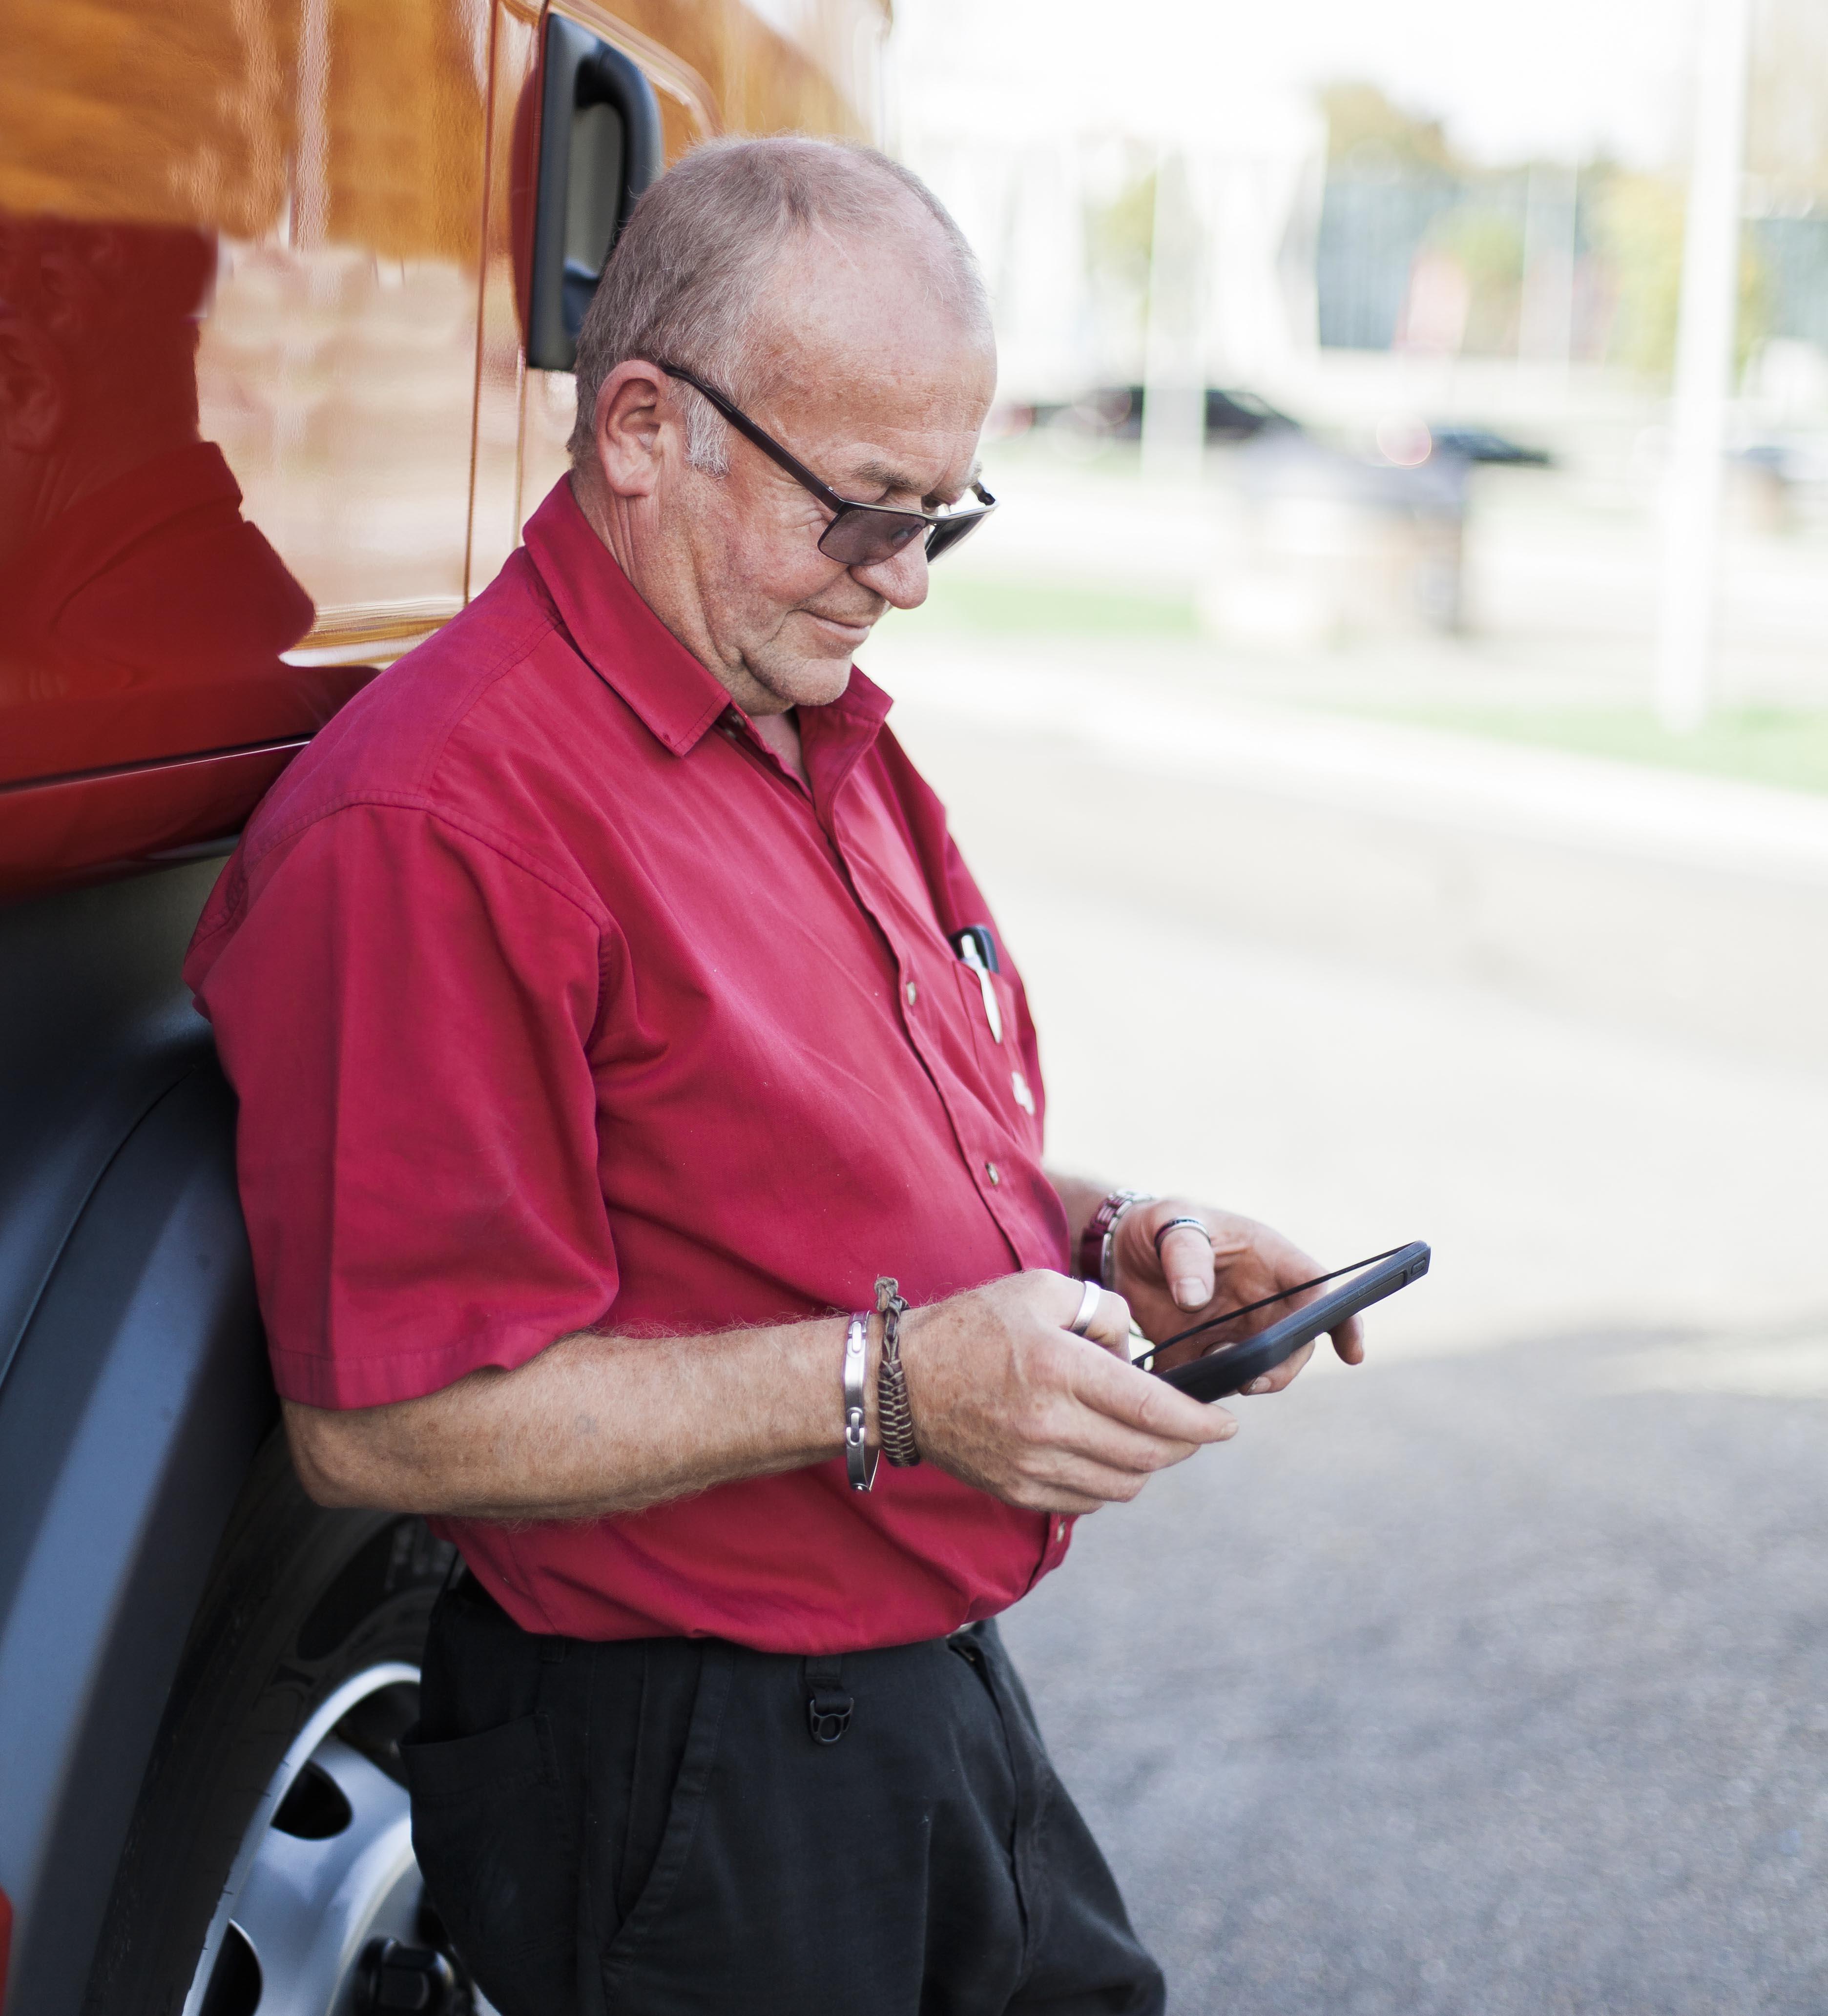 Le magasin d'applications de Trimble pour le transport et la logistique continue de croître